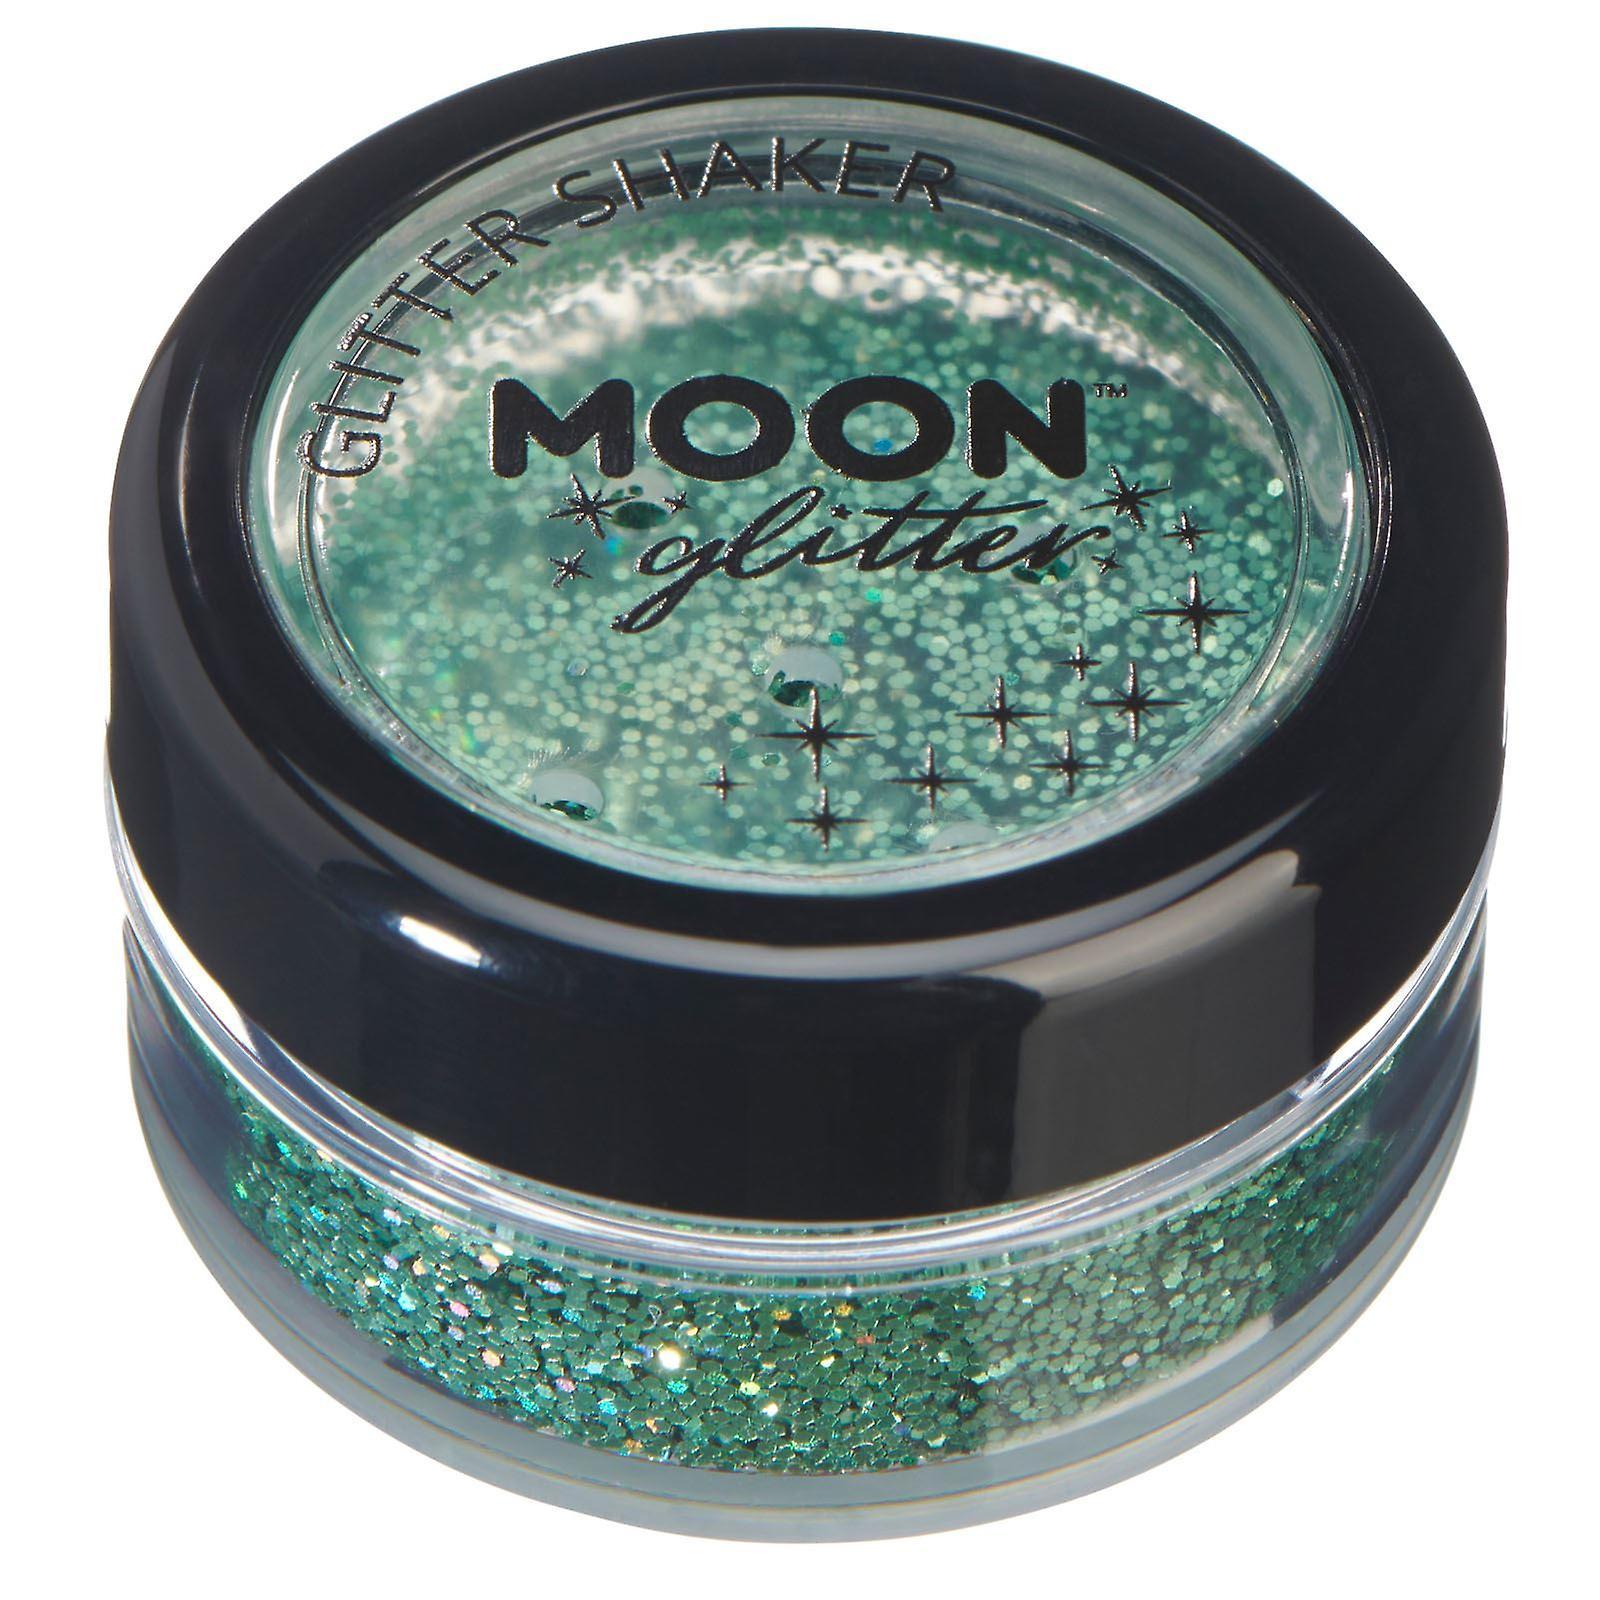 Pour Lèvres5g Glitter Moon Shakers Et Vert VisageCorpsOnglesCheveux Par Paillettes 100De Holographiques Cosmétiques 8nZNP0wkOX